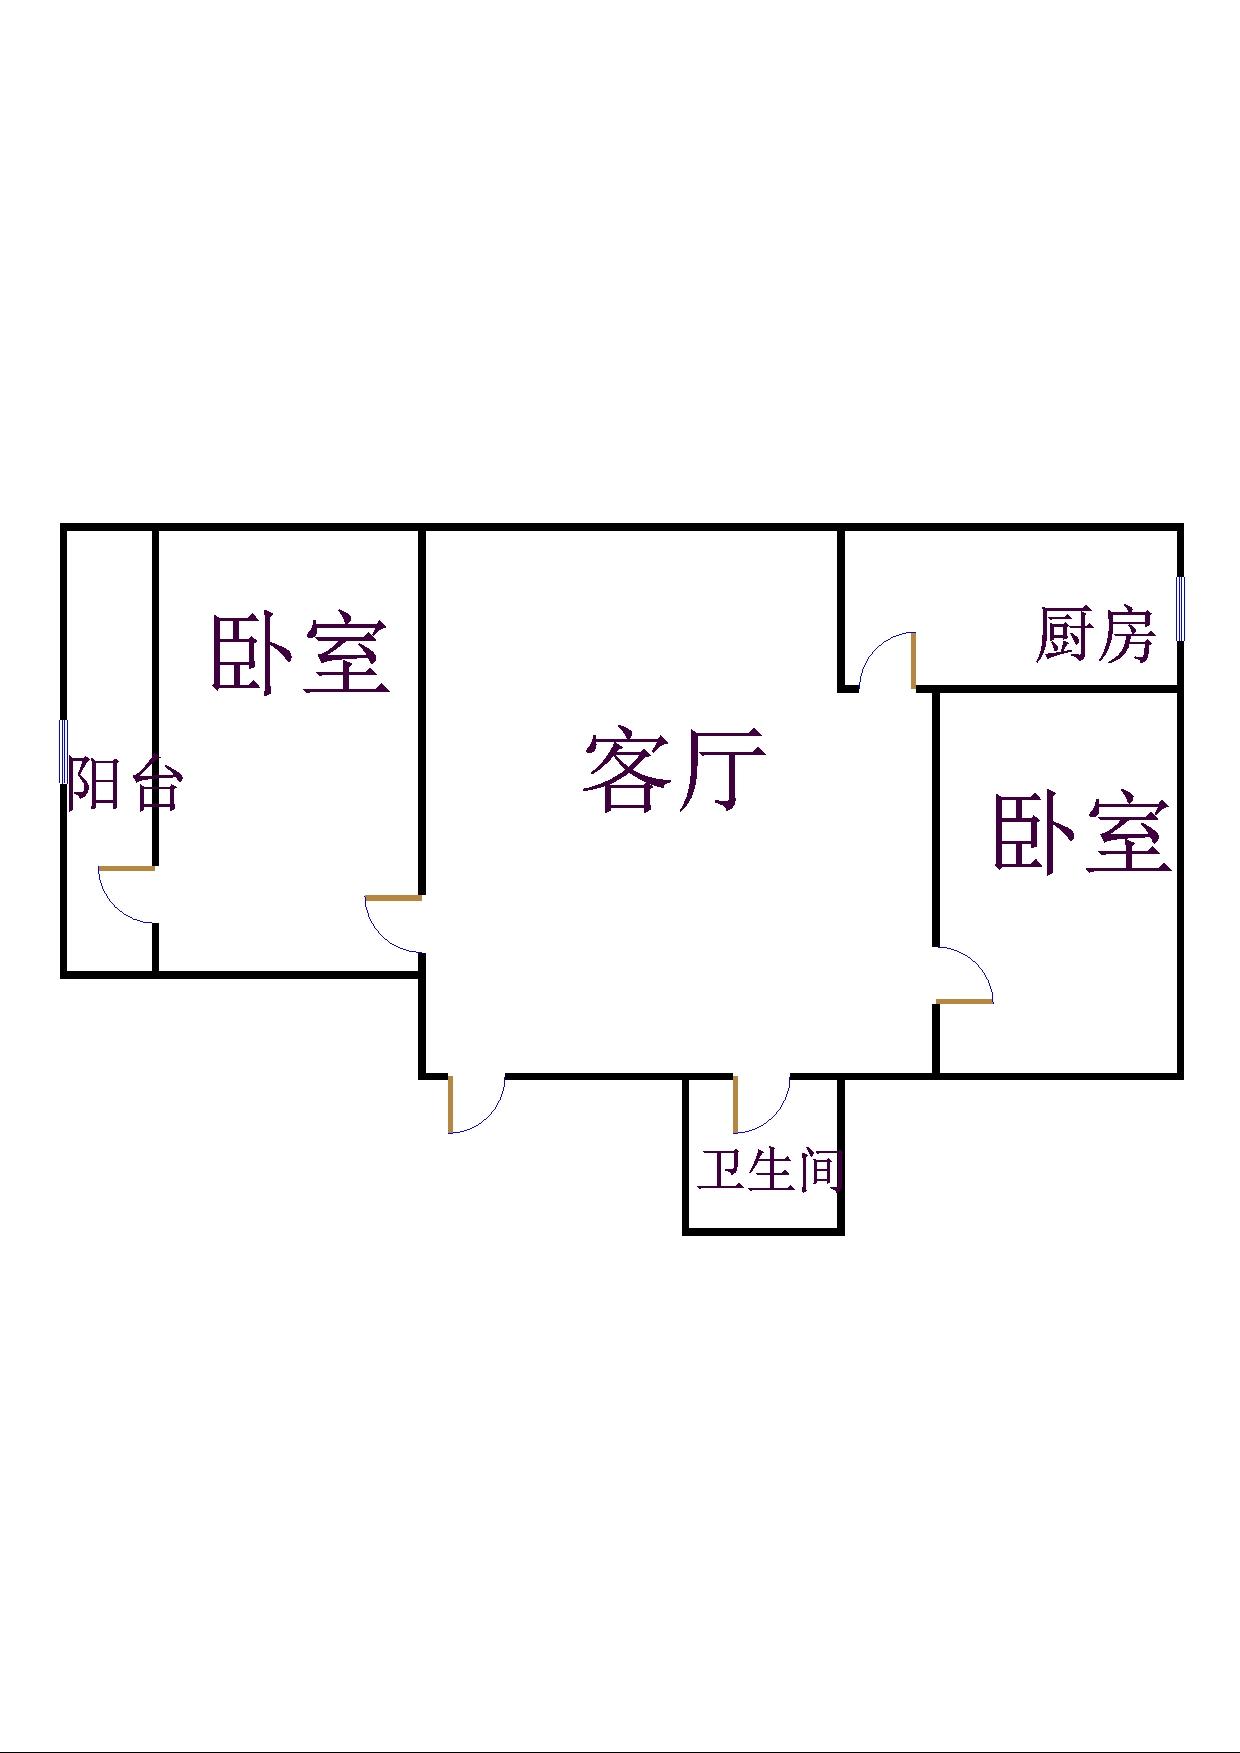 北园小区 2室2厅 4楼